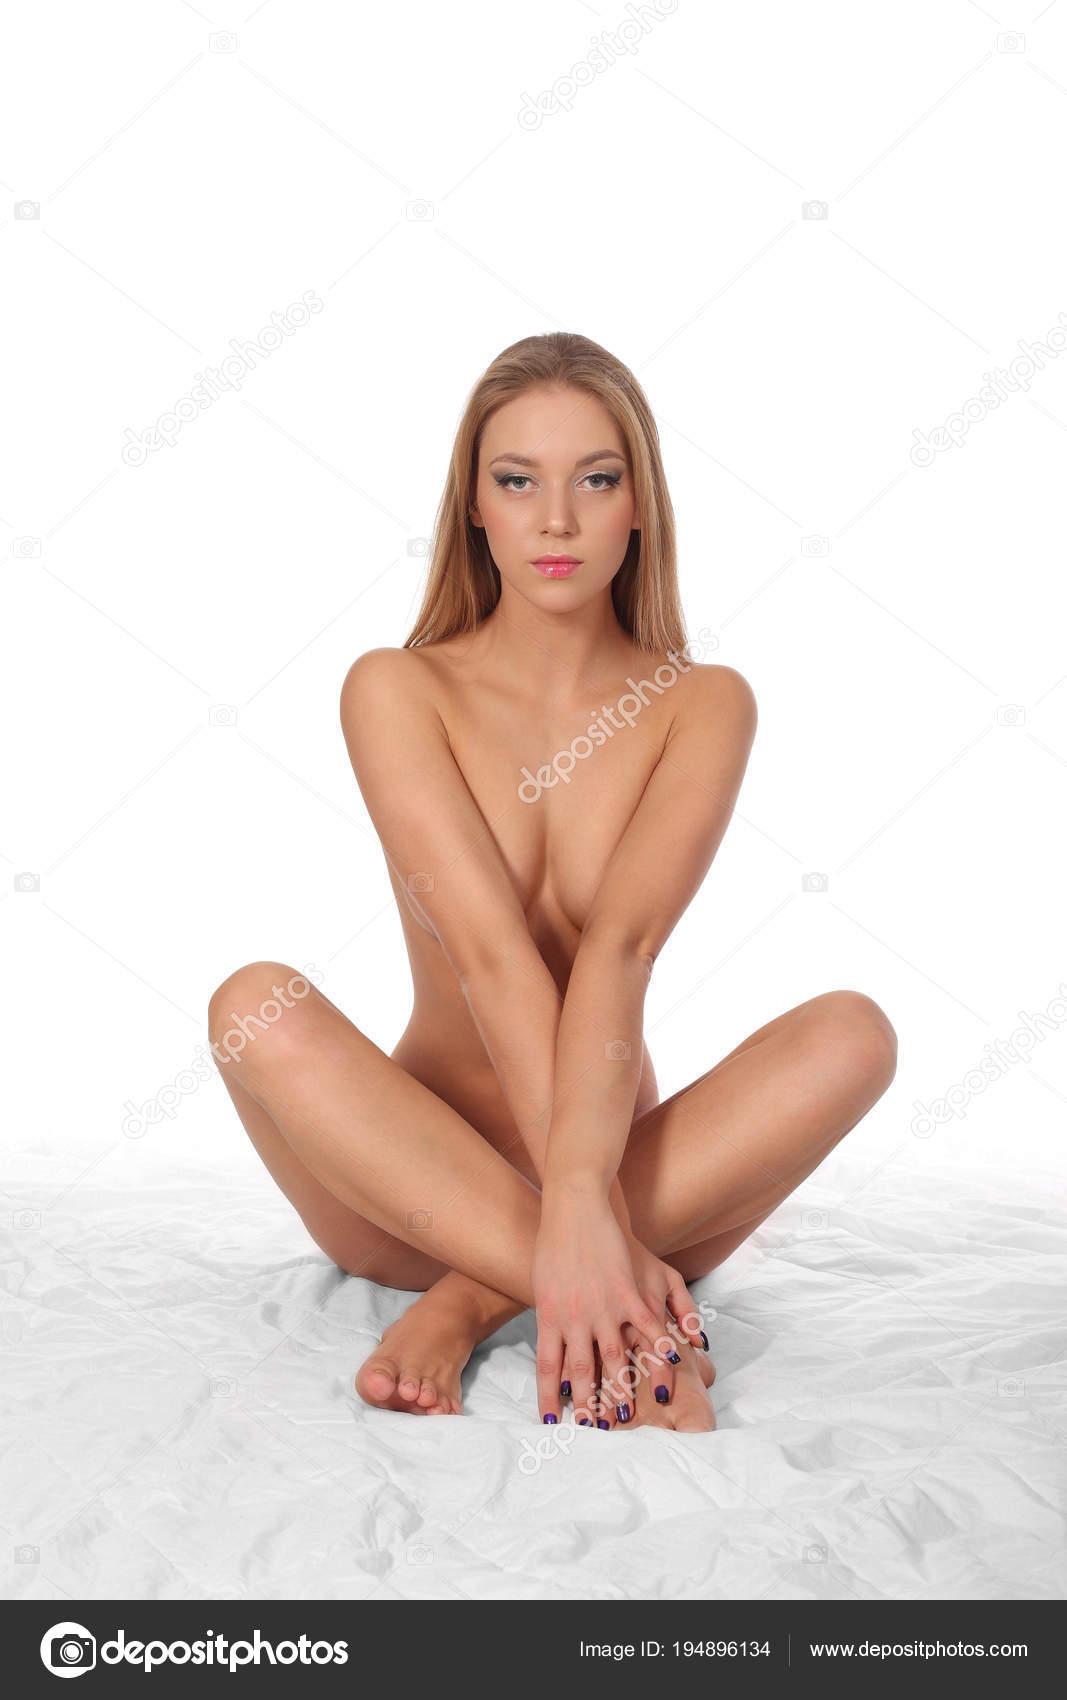 зашел форум увидел онлайн порно пизда бабушки РАБОТАЕТ!!!!!! СпаСИБО задумывались том